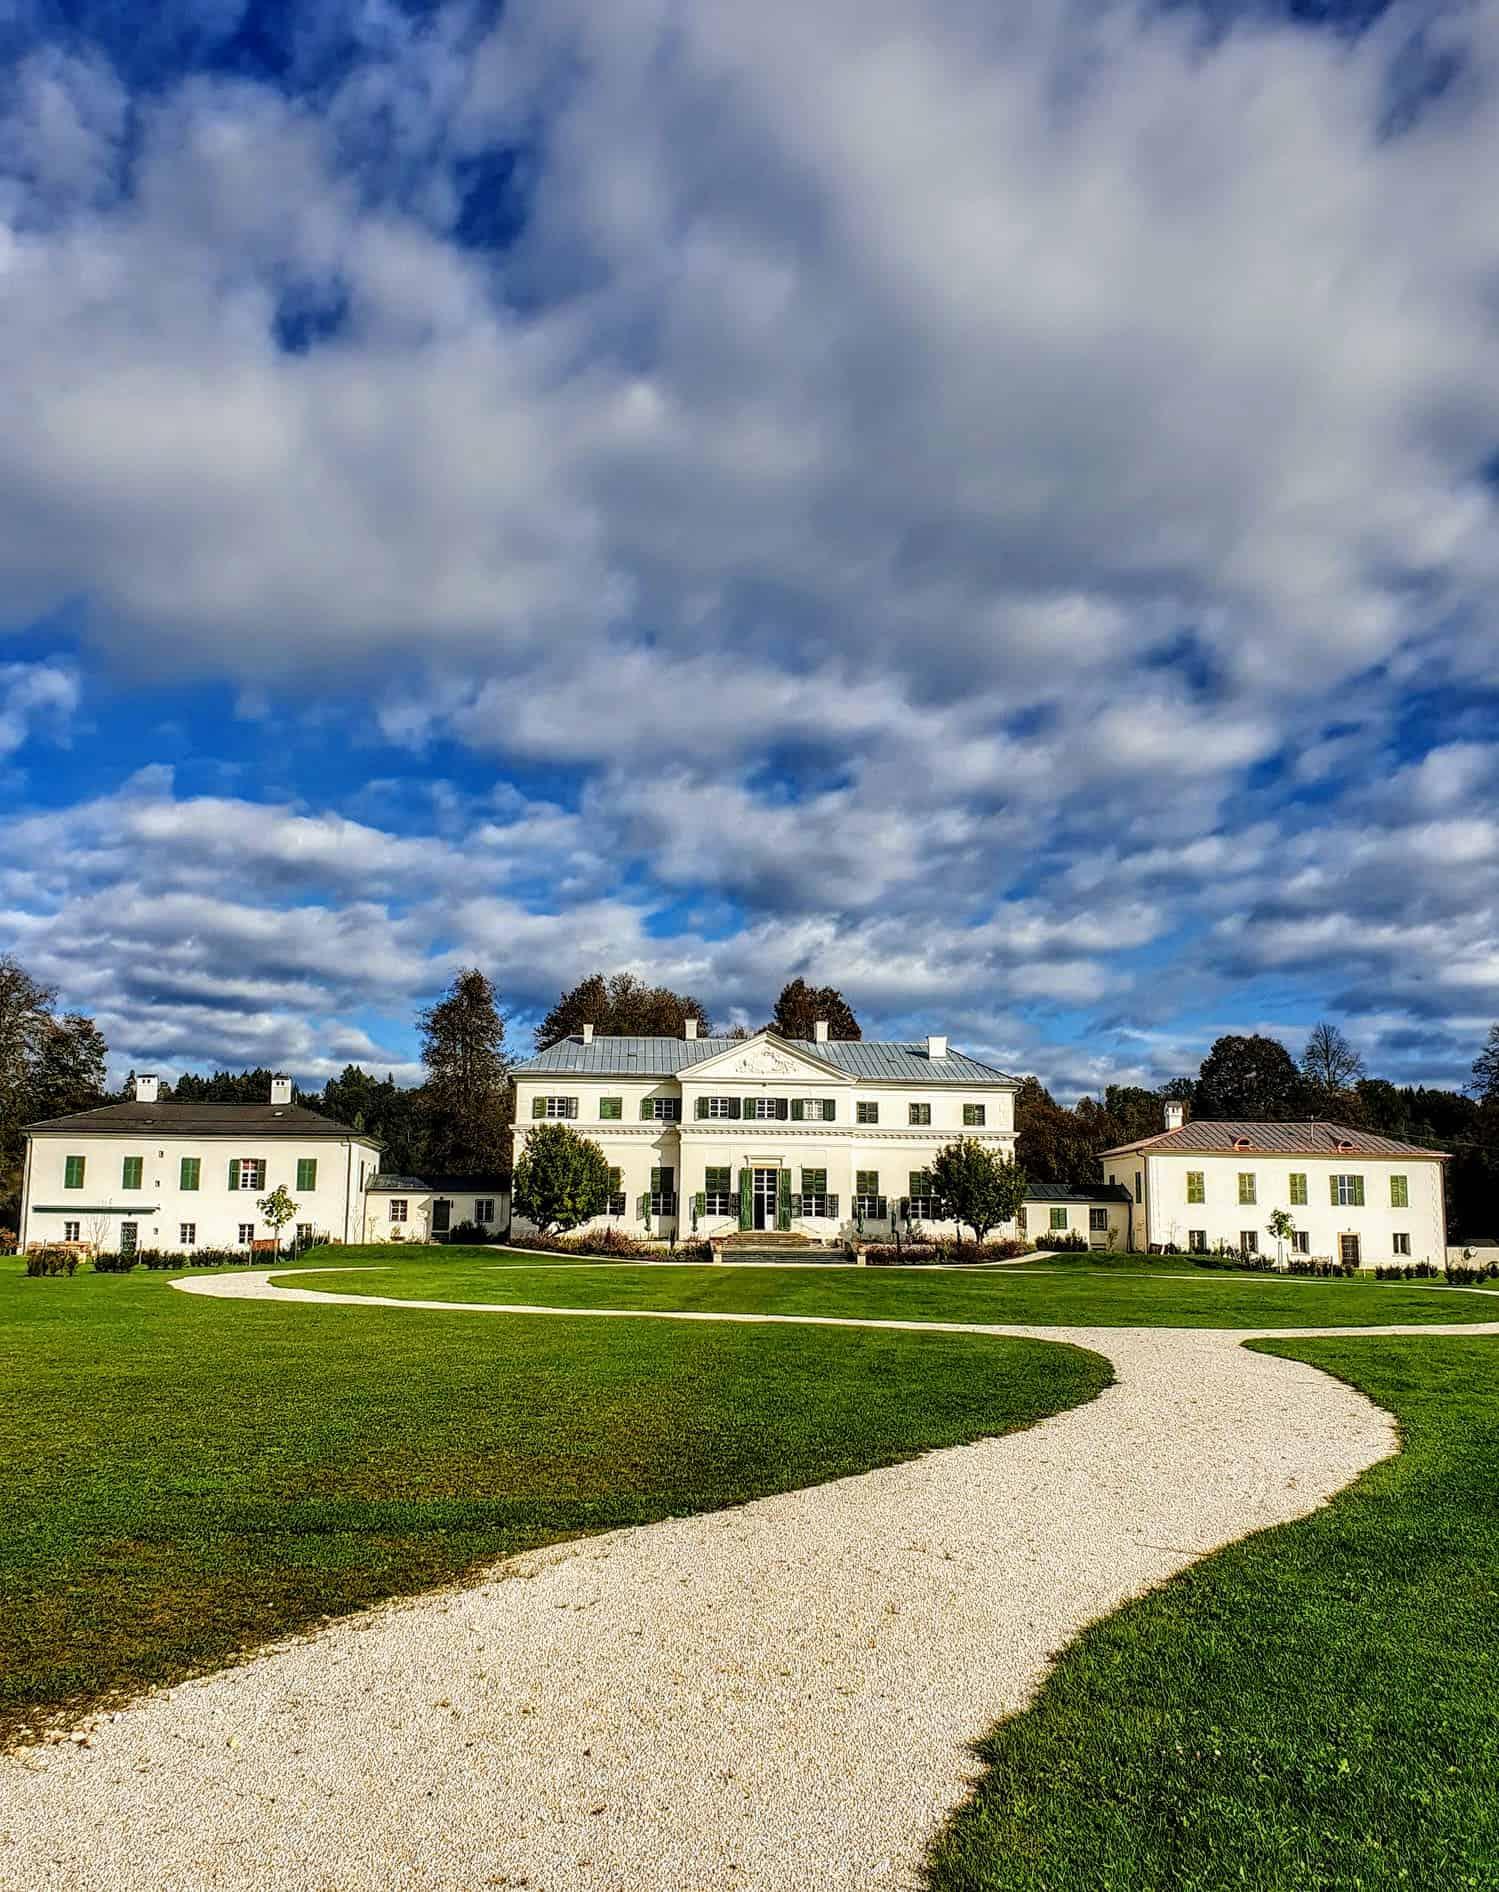 Schloss Rosegg der Familie Liechtenstein im Kärntner Rosental. Ausflugsziel und Veranstaltungsort in der Nähe vom Wörthersee.